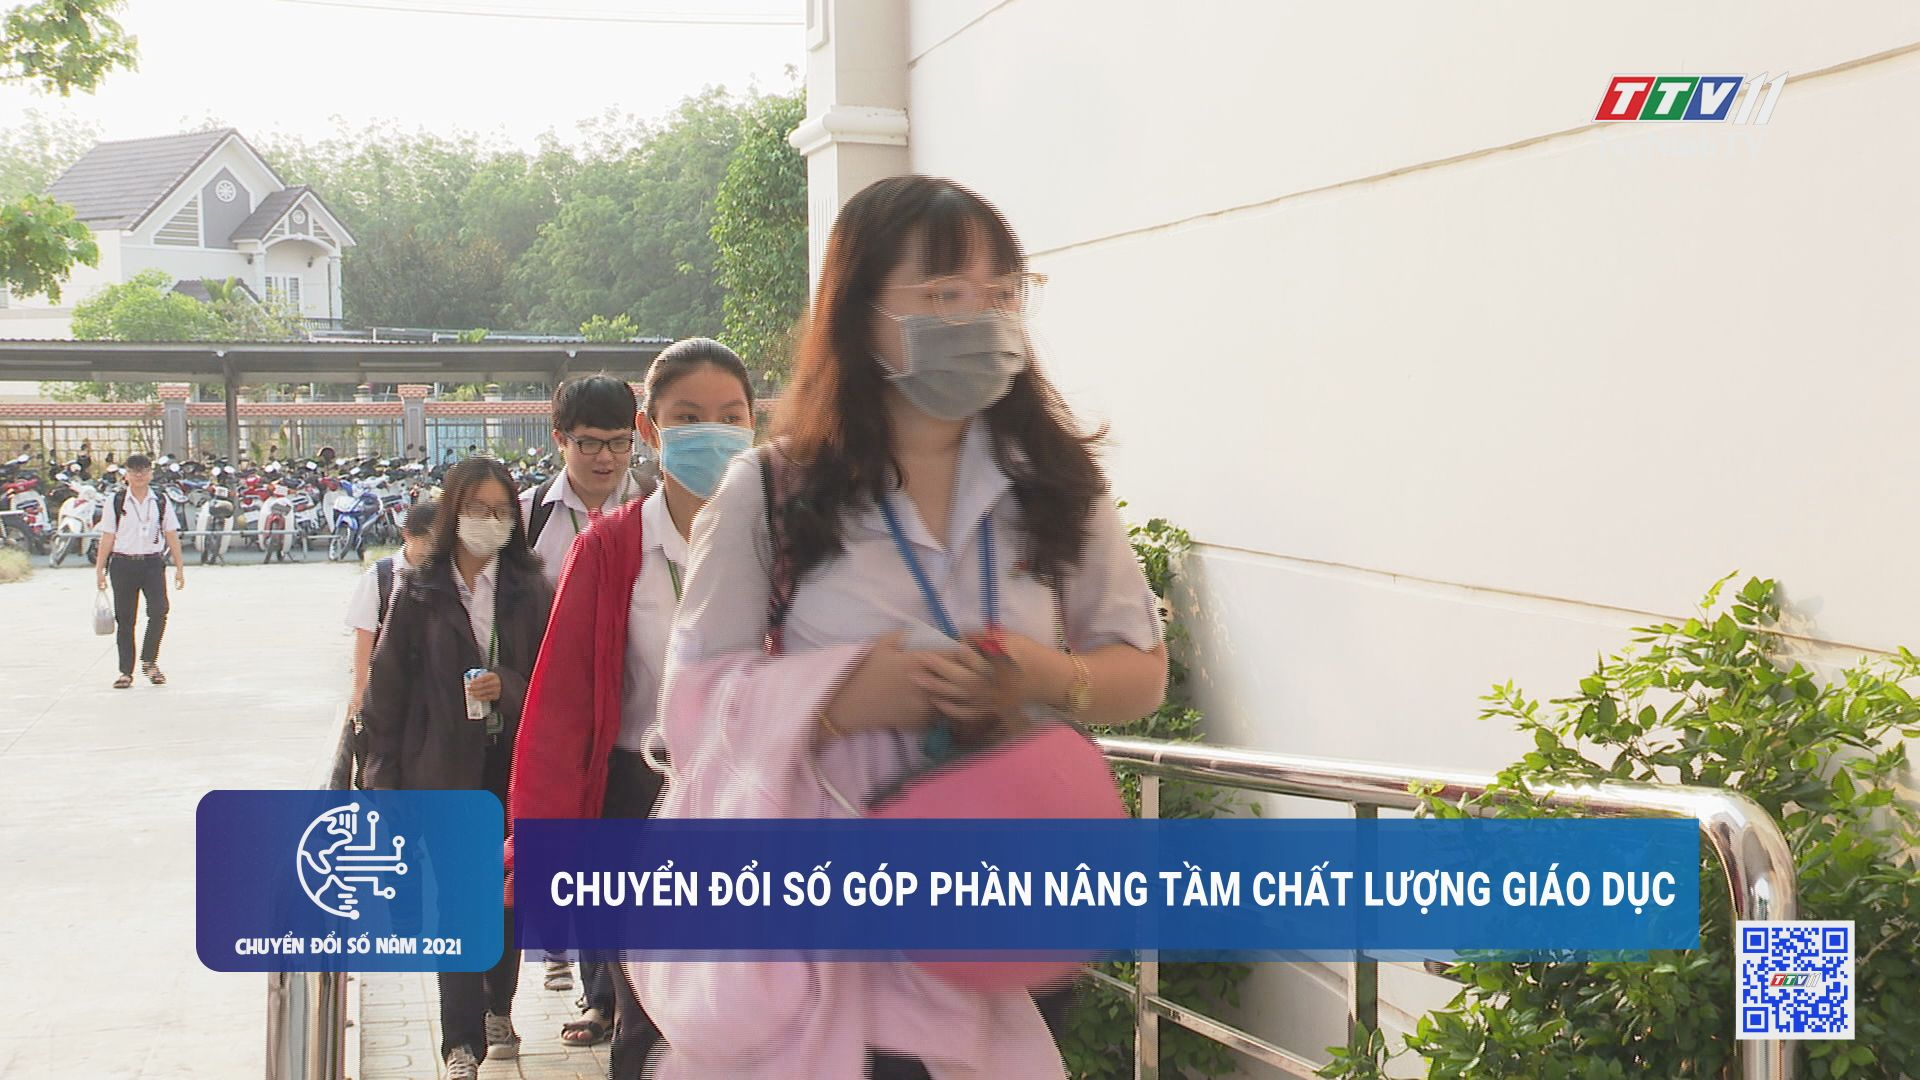 Chuyển đổi số góp phần nâng tầm chất lượng giáo dục | CHUYỂN ĐỔI SỐ | TayNinhTV